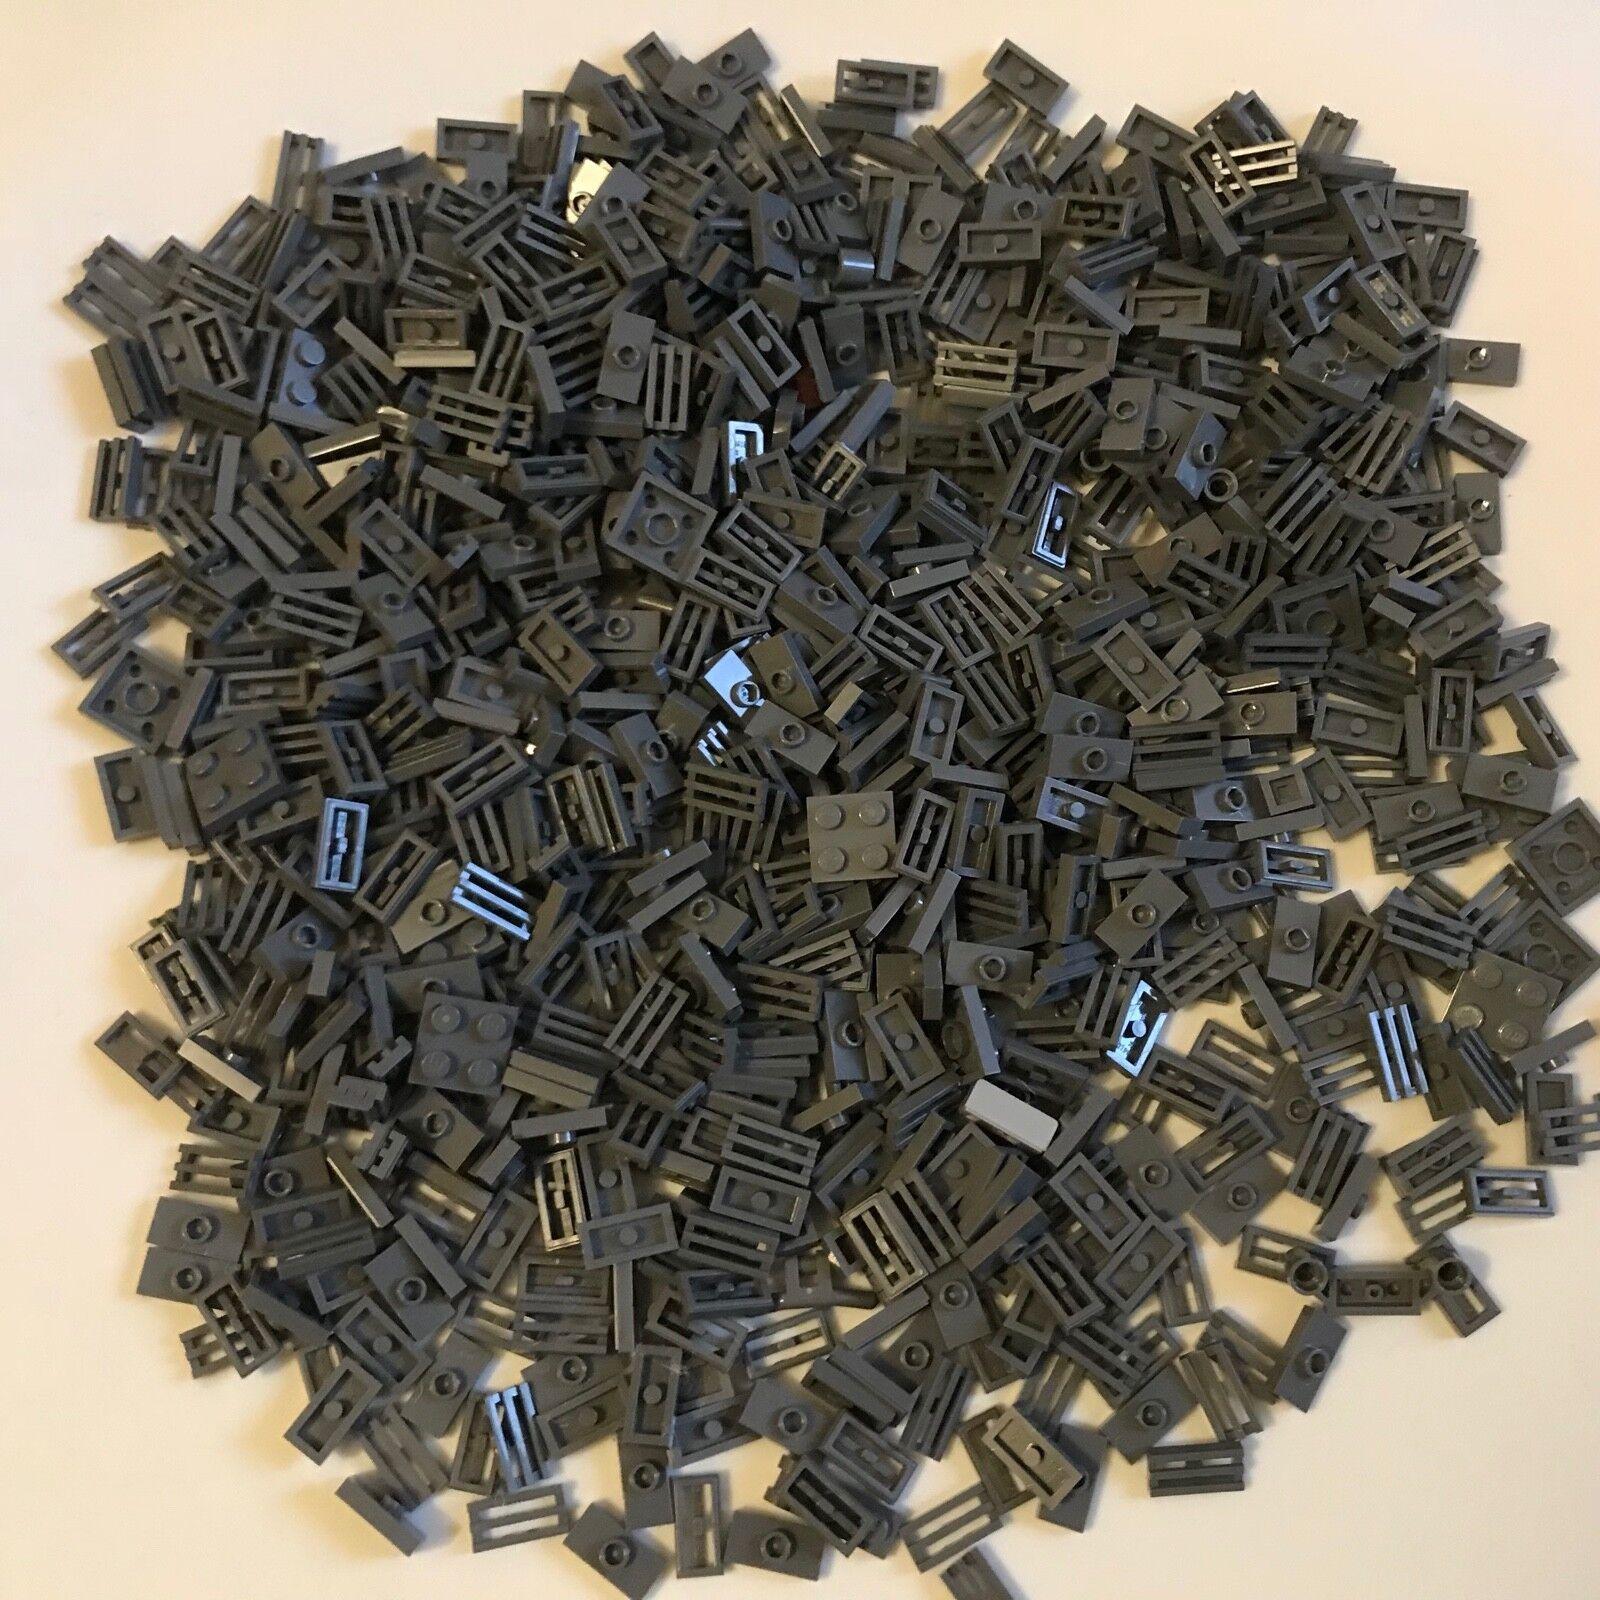 850 LEGO DARK BLUISH grau - lot - Plate 1X2 W. 1 Knob grill tile 2x2 Star Wars